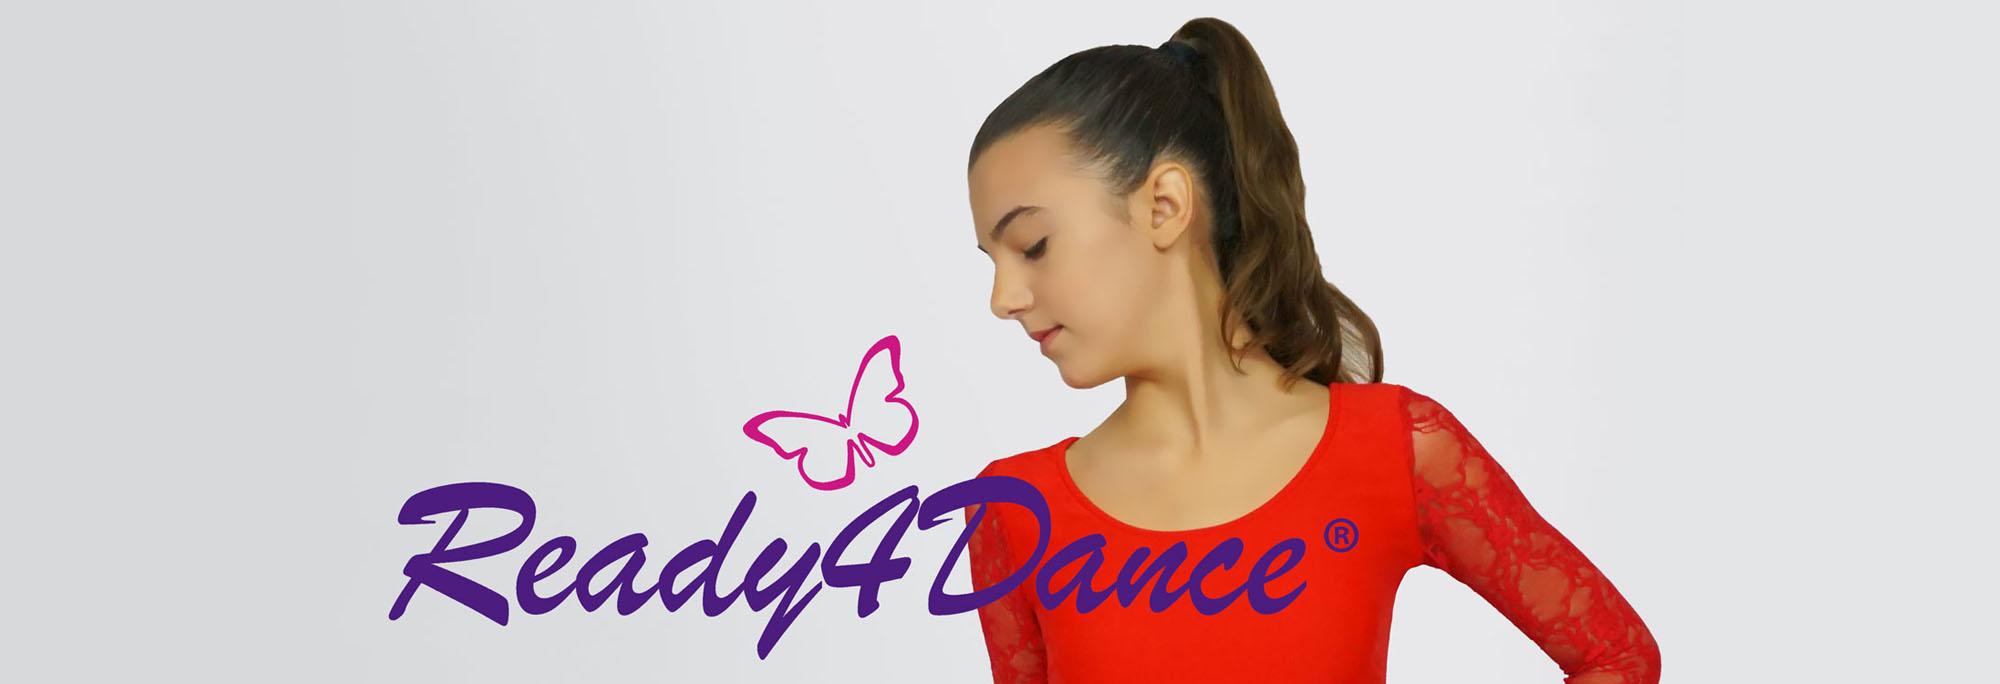 Abiti da ballo per bambine e ragazze